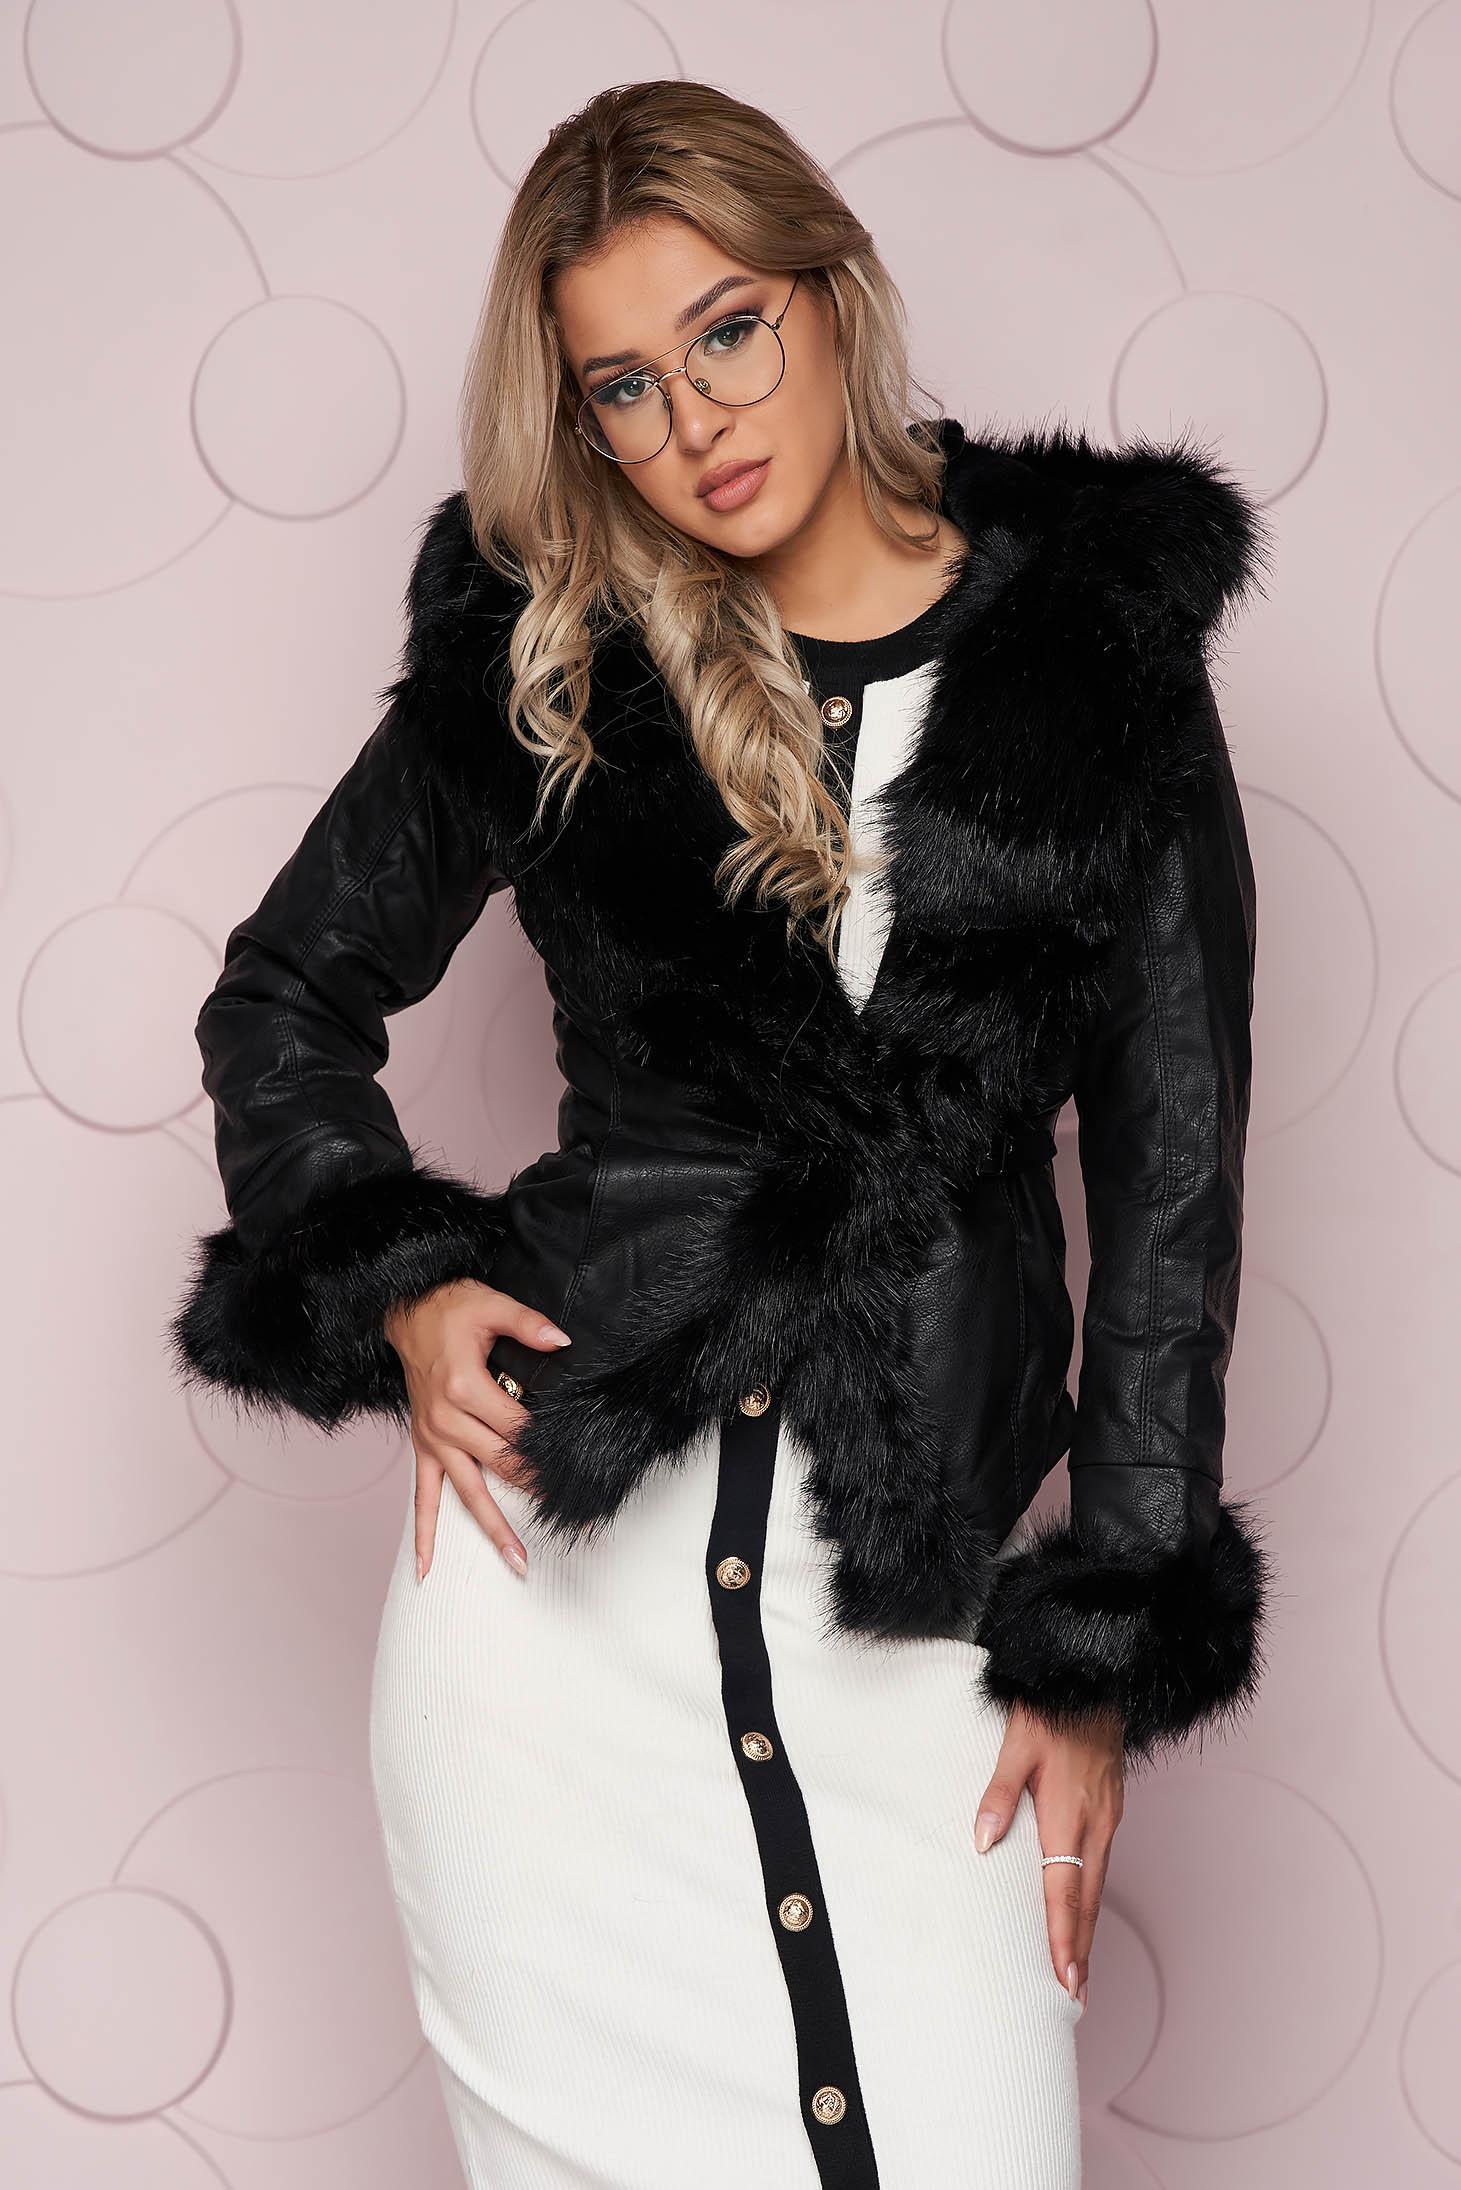 Fekete rövid zsebes karcsusított szabású dzseki műbőrből bundabélessel ellátva